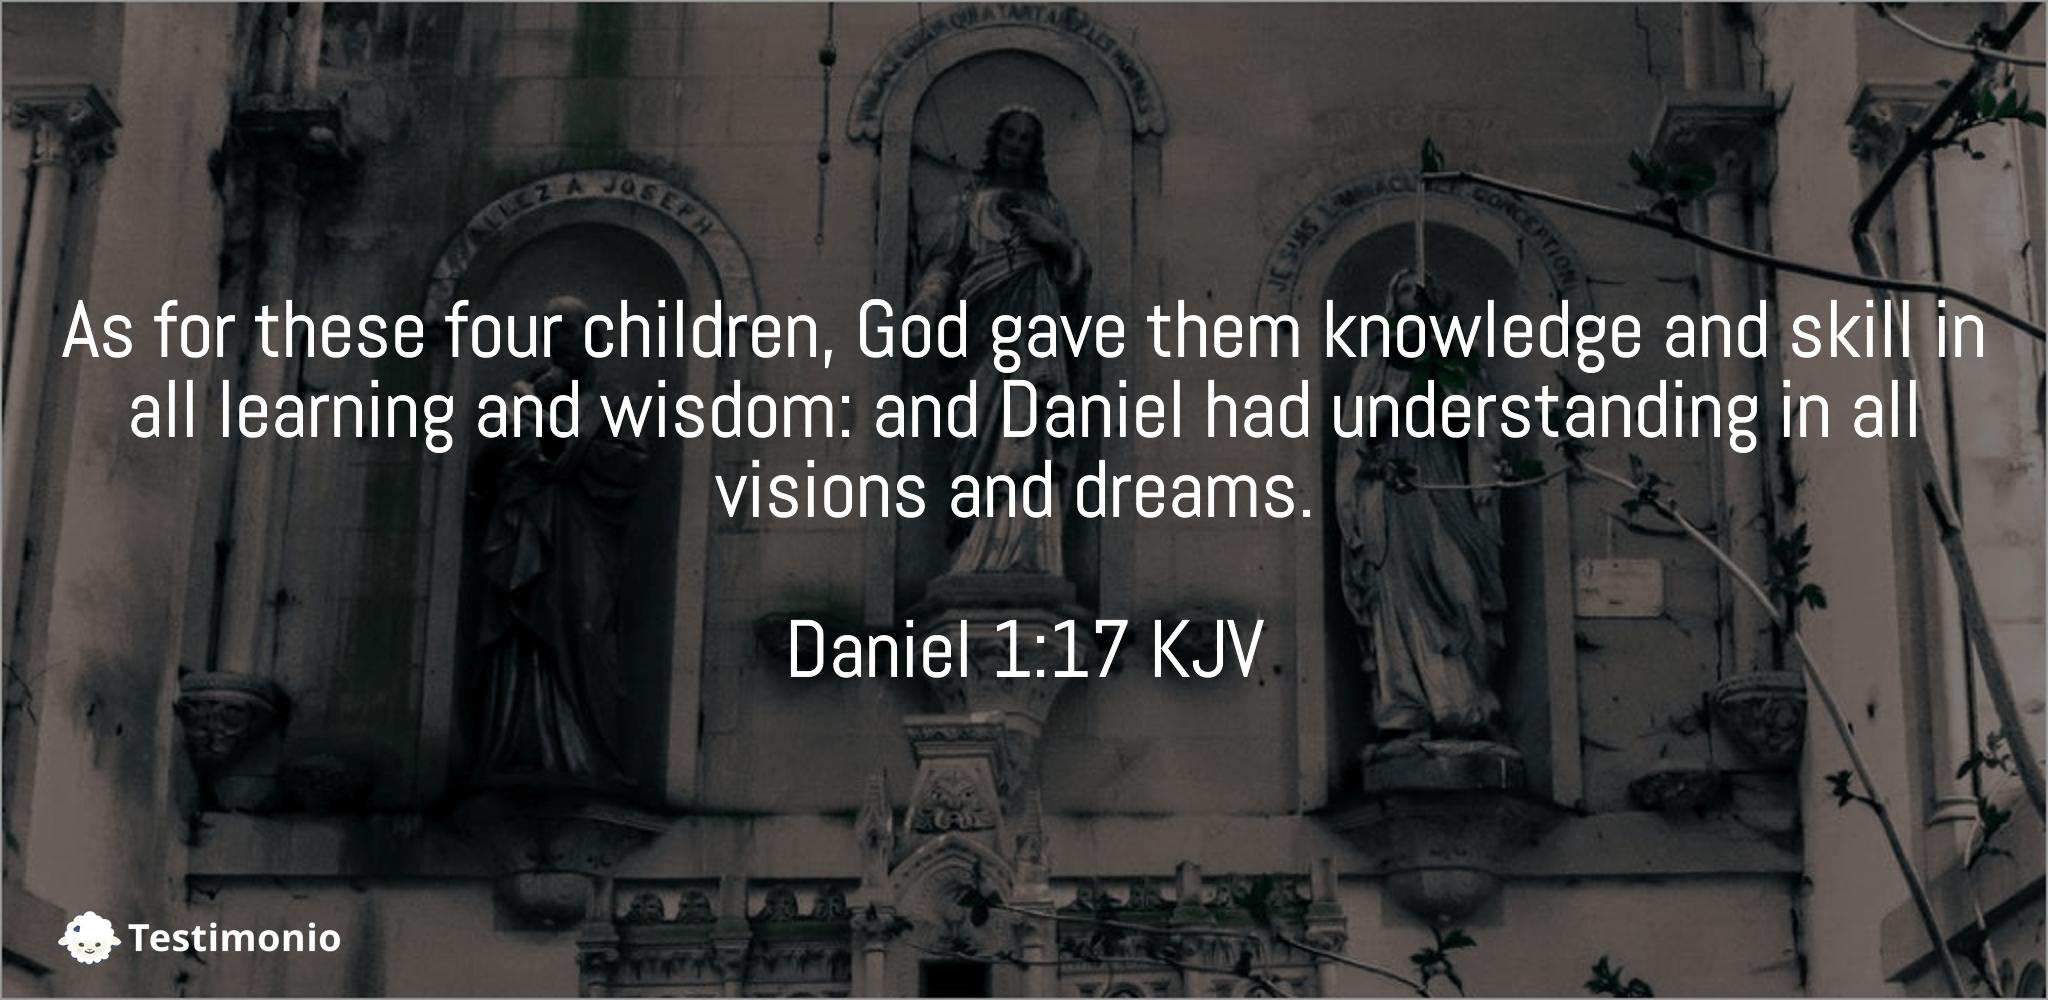 Daniel 1:17